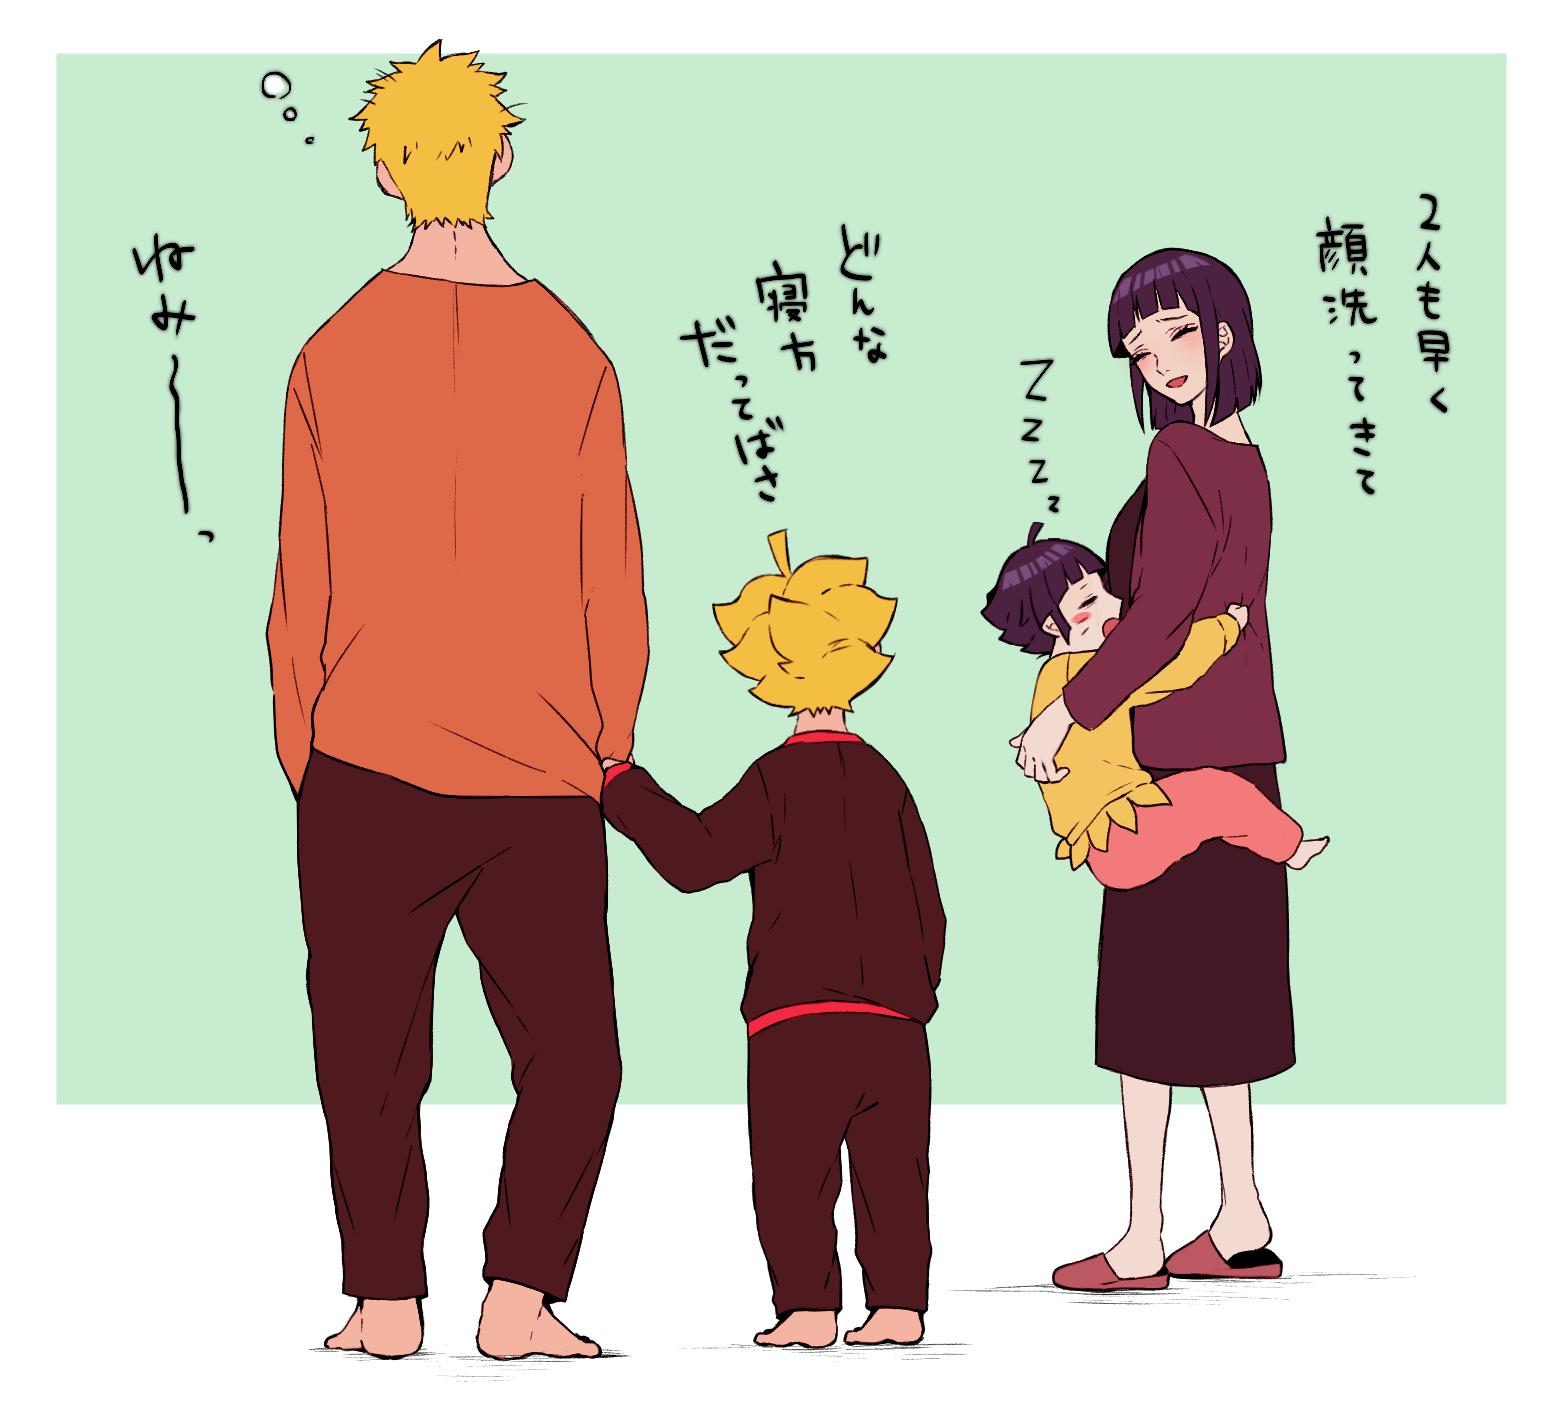 families uzumaki naruto hyuuga - photo #16